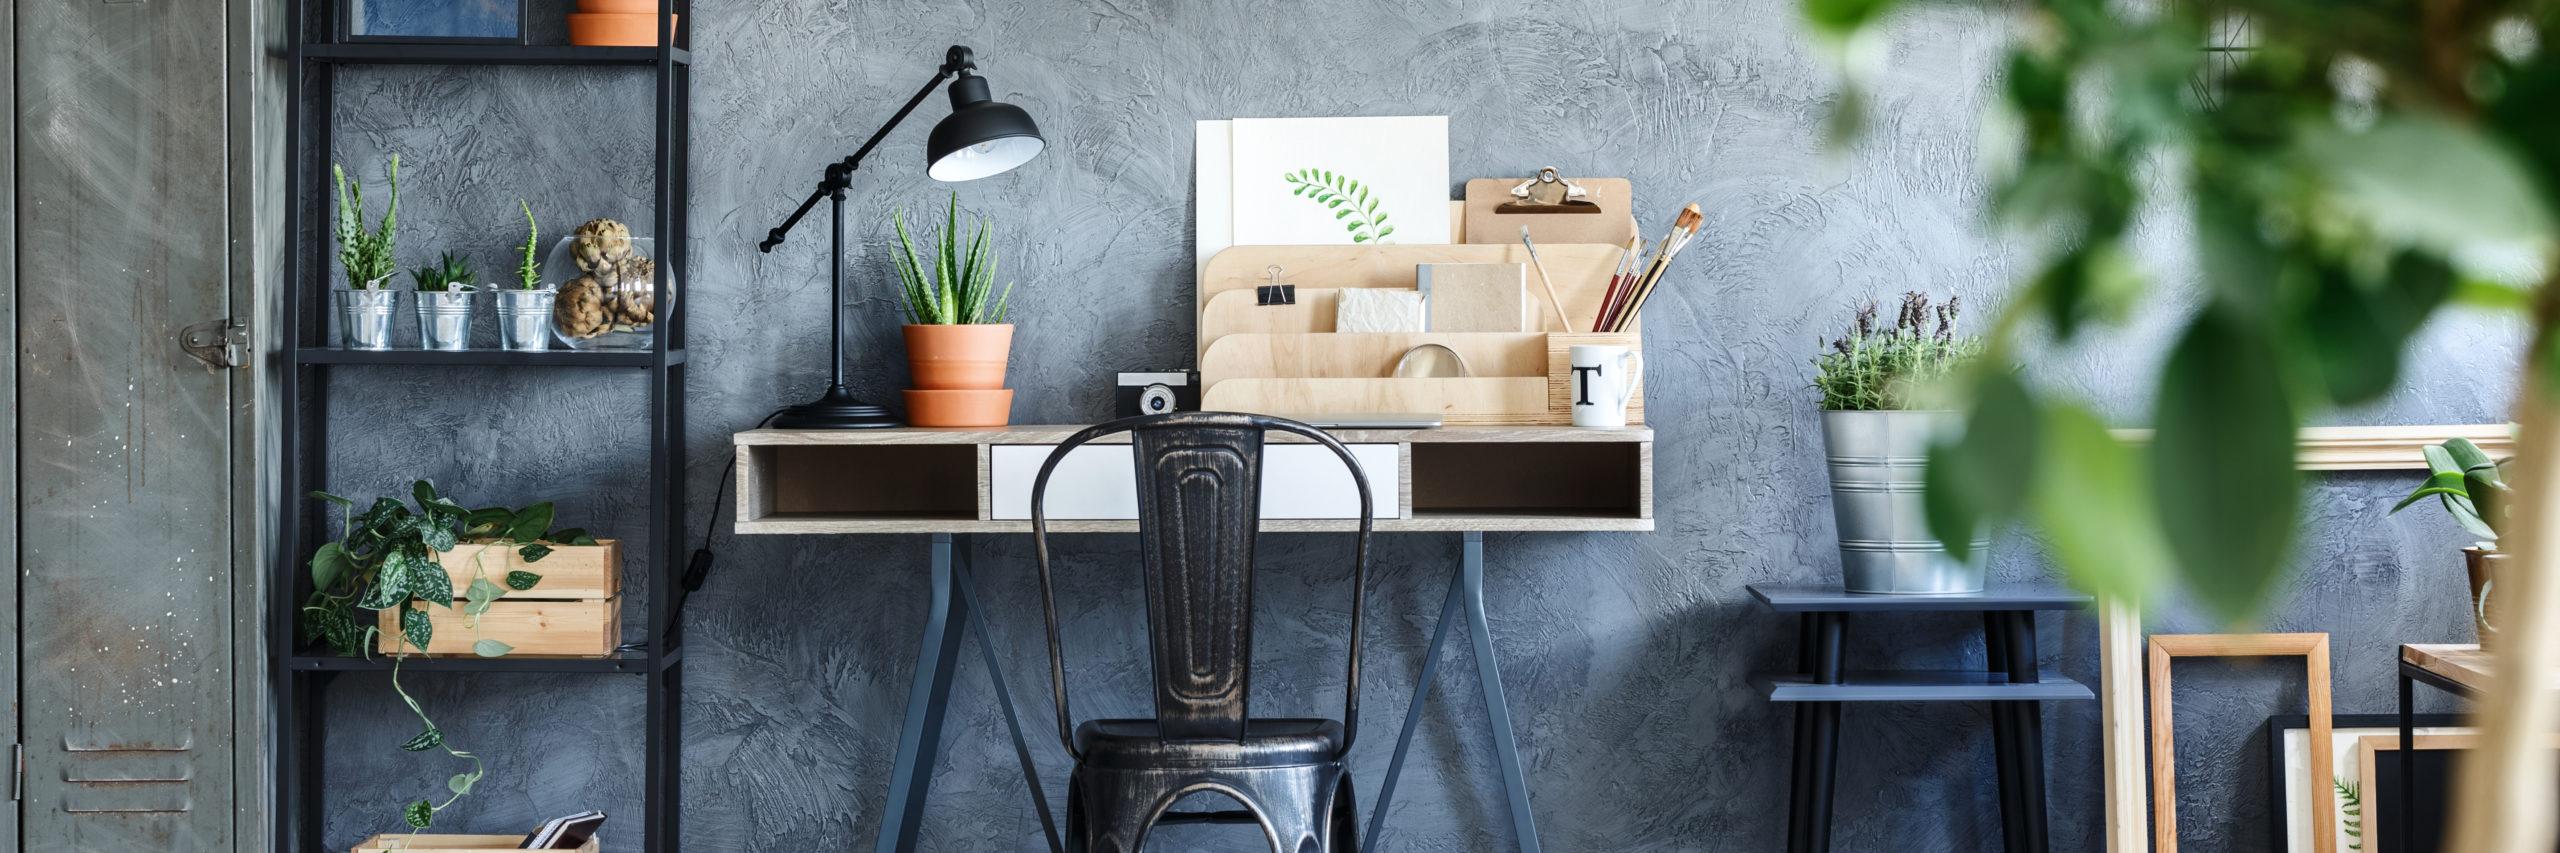 Ergonomie du lieu de travail au domicile - La mise en place du télétravail